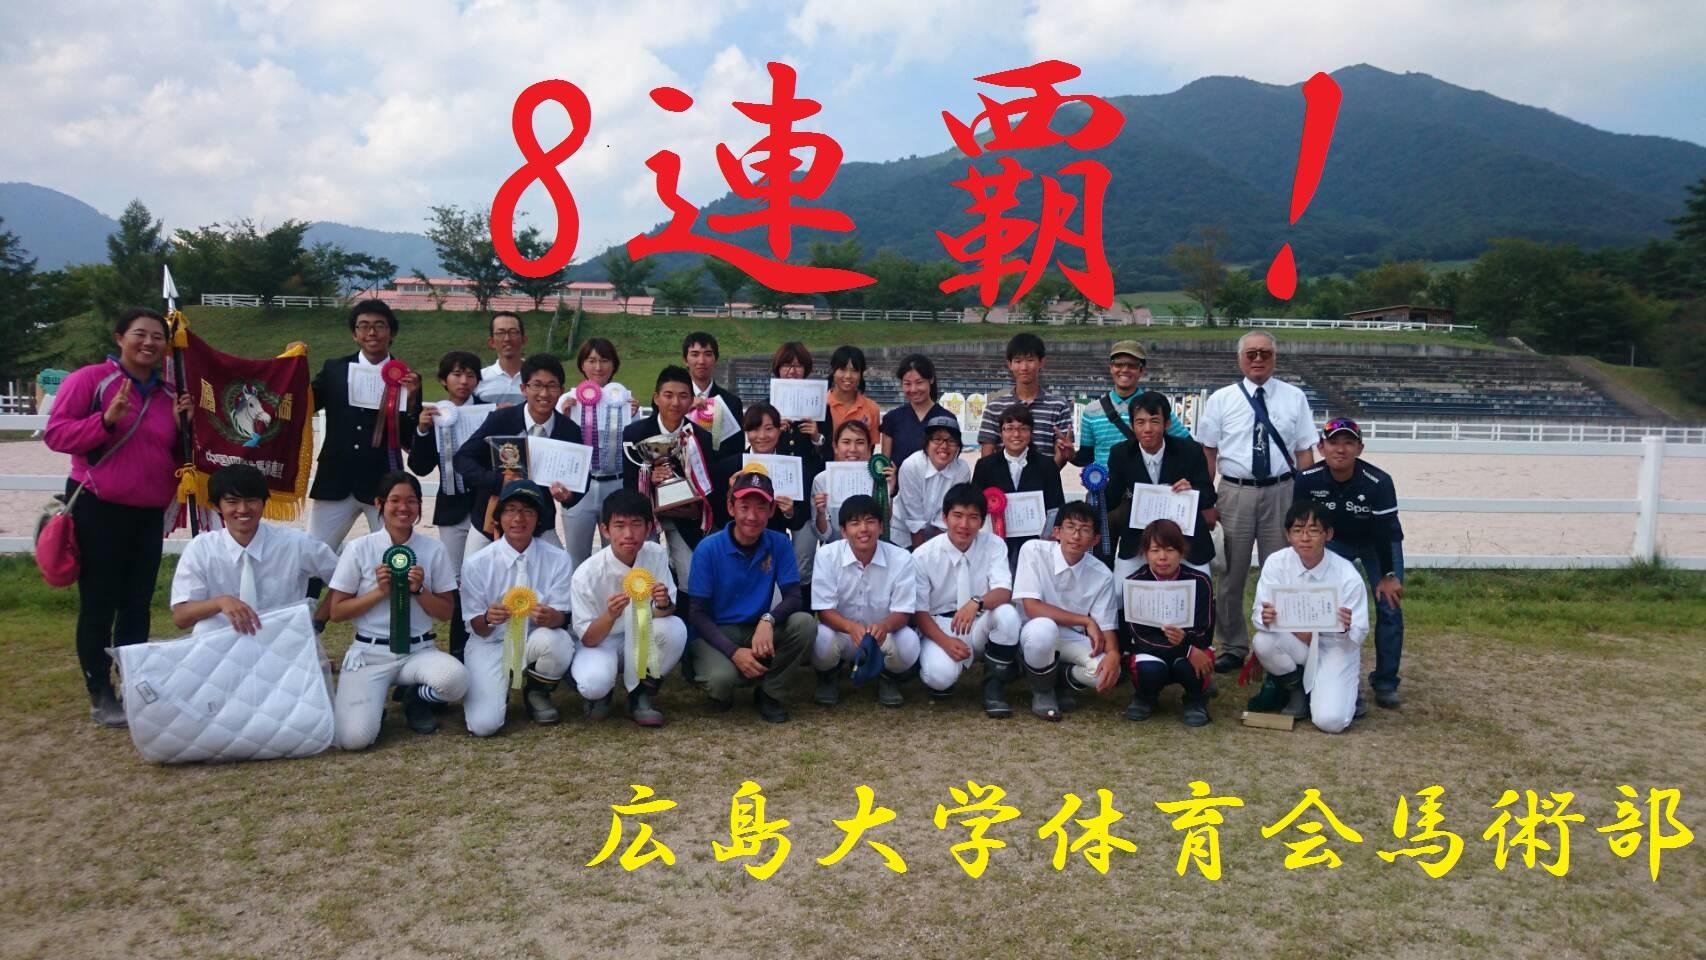 体育会馬術部が夏季中国四国地区学生馬術大会で8年連続の総合優勝をしました!【体育会馬術部】